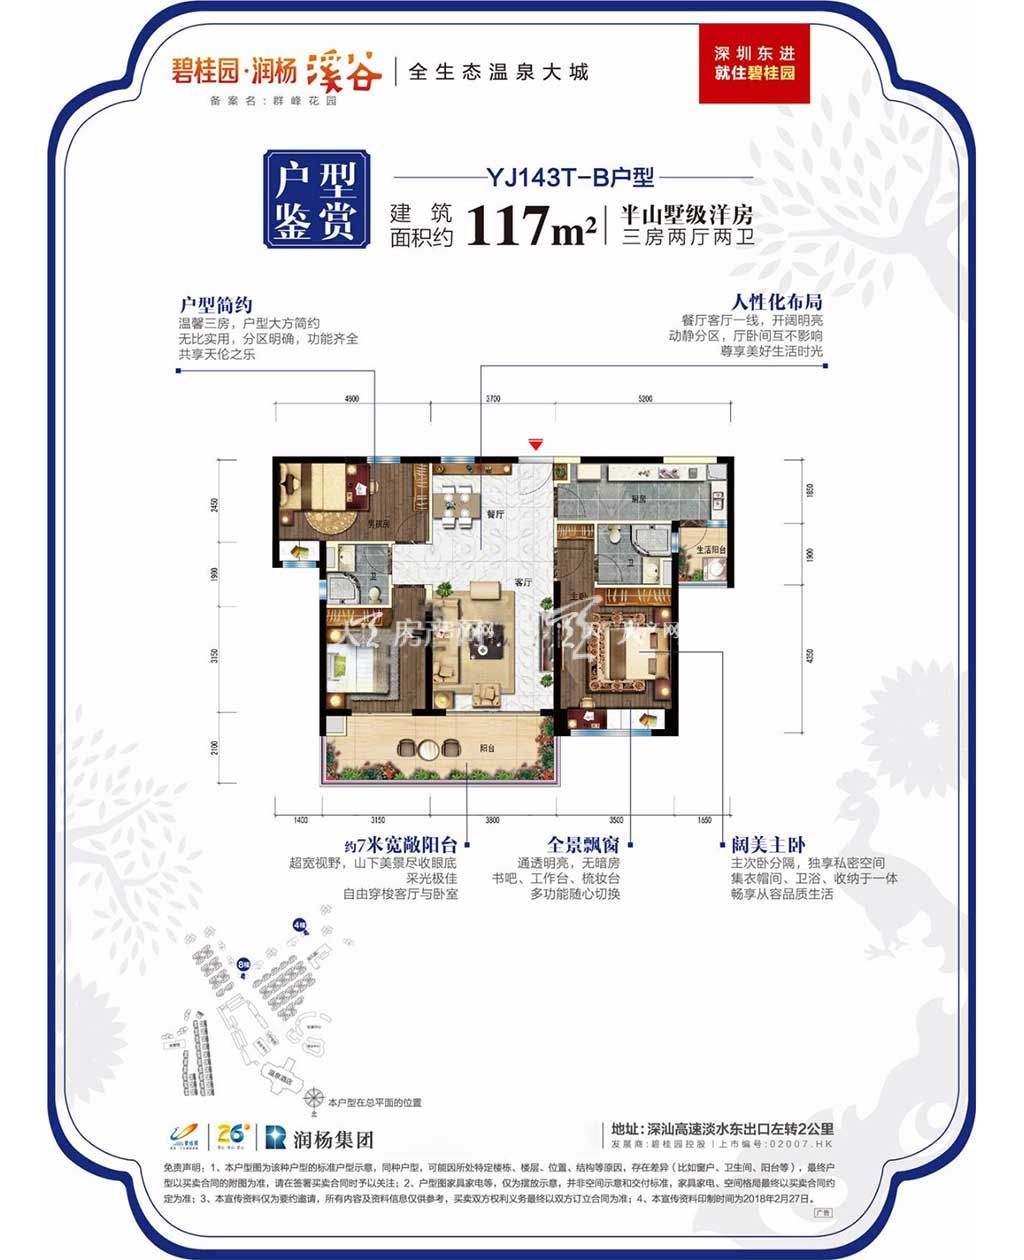 碧桂园润杨溪谷半山墅级洋房B户型-三房建筑面积117㎡